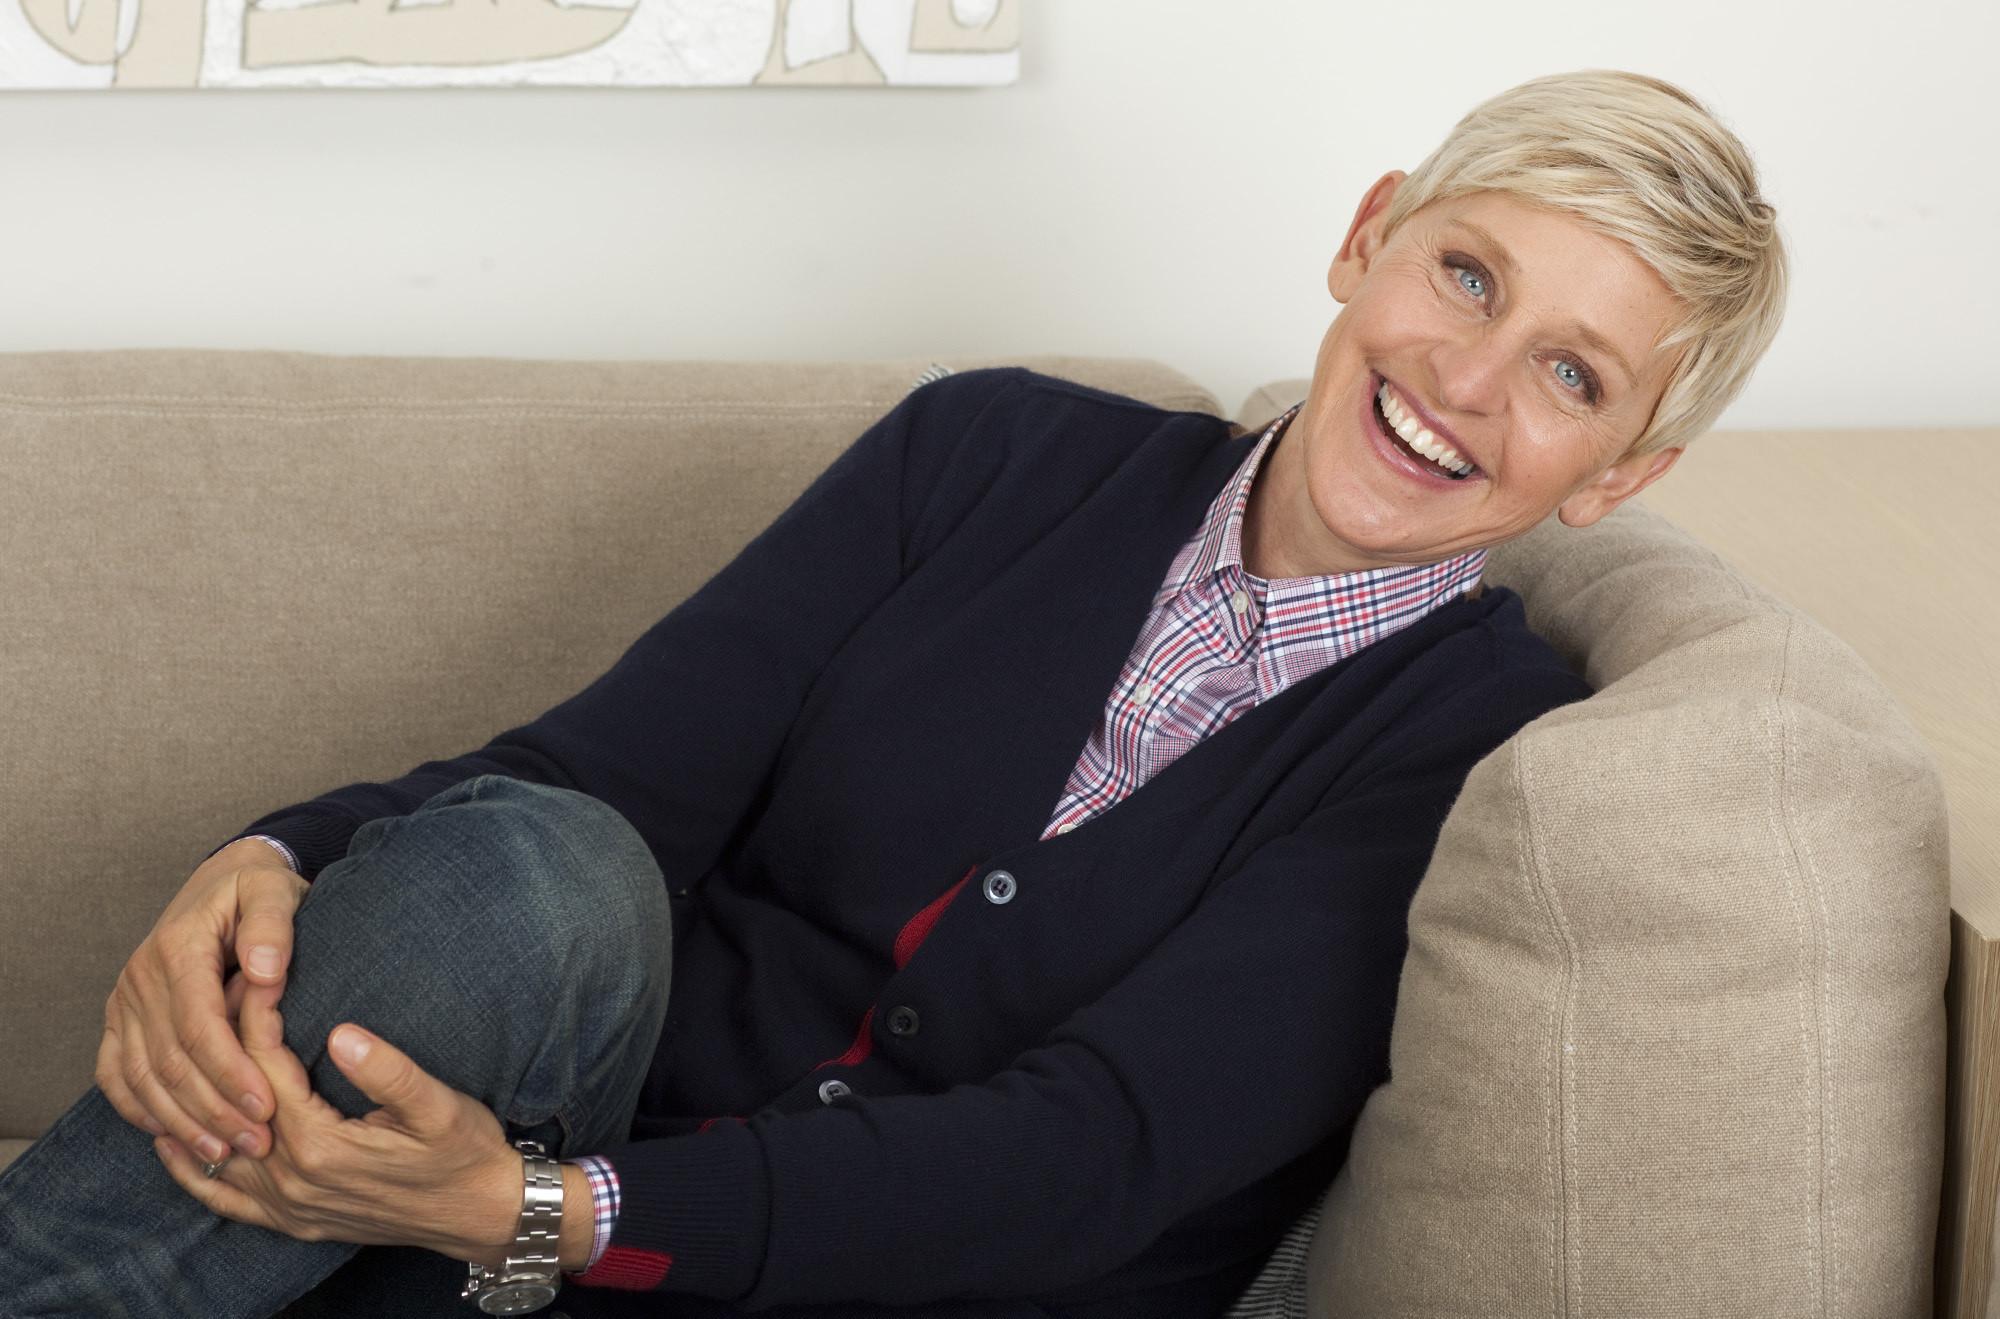 Ellen DeGeneres Receives Backlash After Suggesting Kevin Hart Should Still Host the Oscars